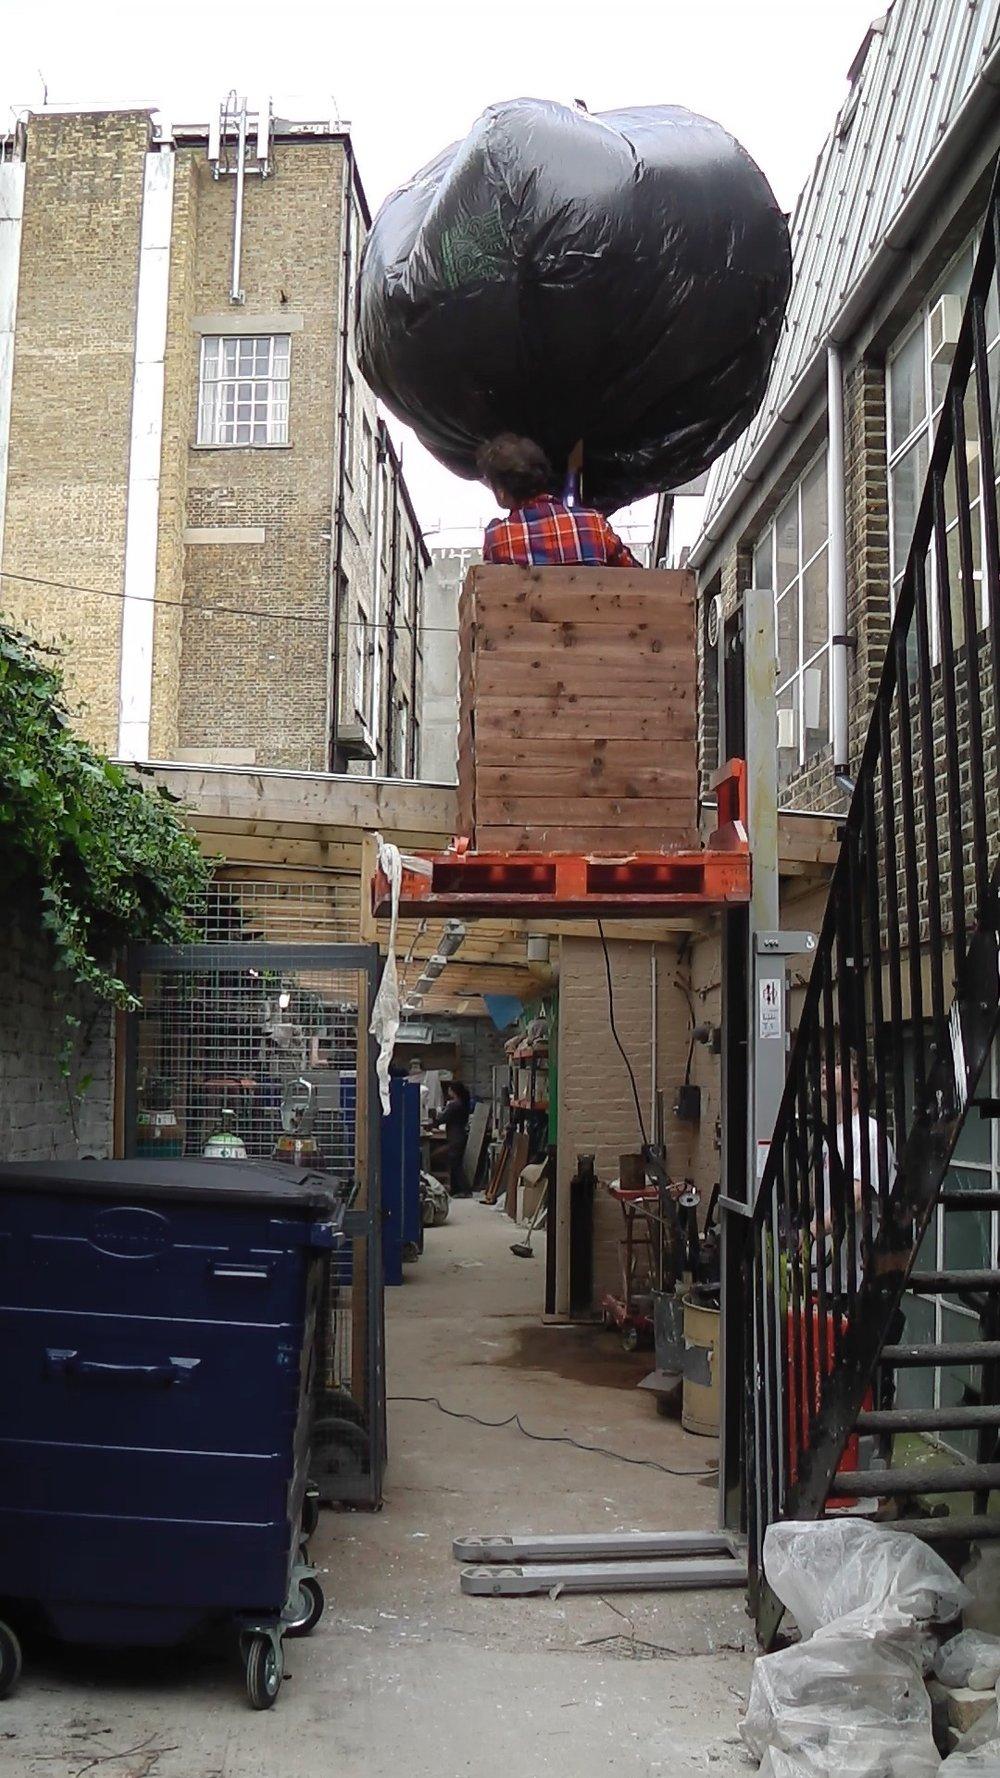 Box as Hot Air Balloon